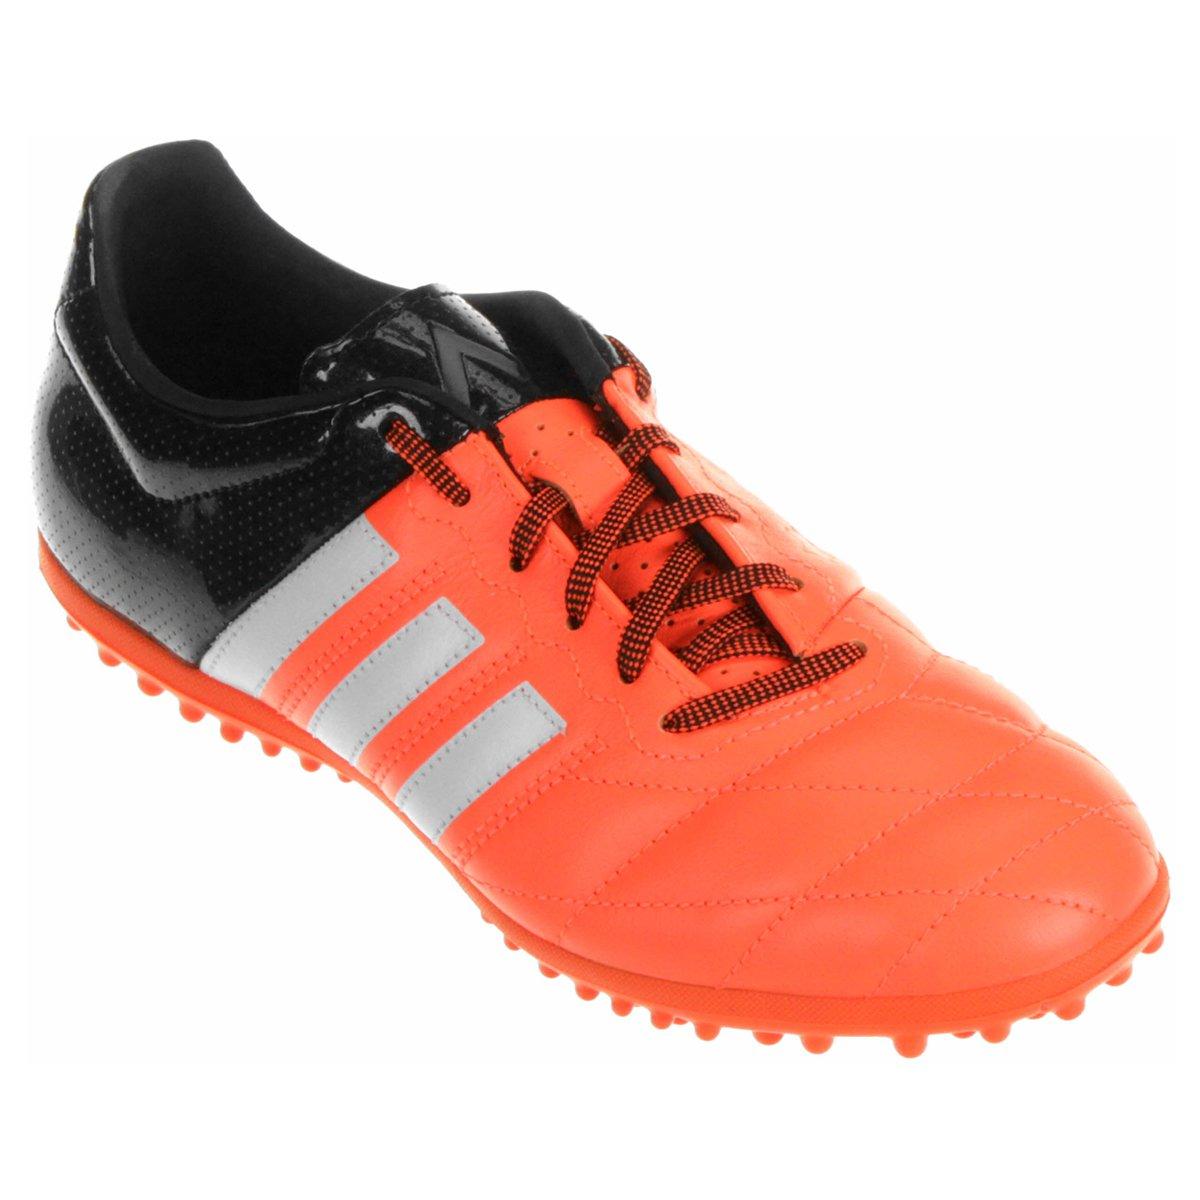 Chuteira Adidas Ace 15 3 TF Cour Society - Compre Agora  668bd08a88ae4